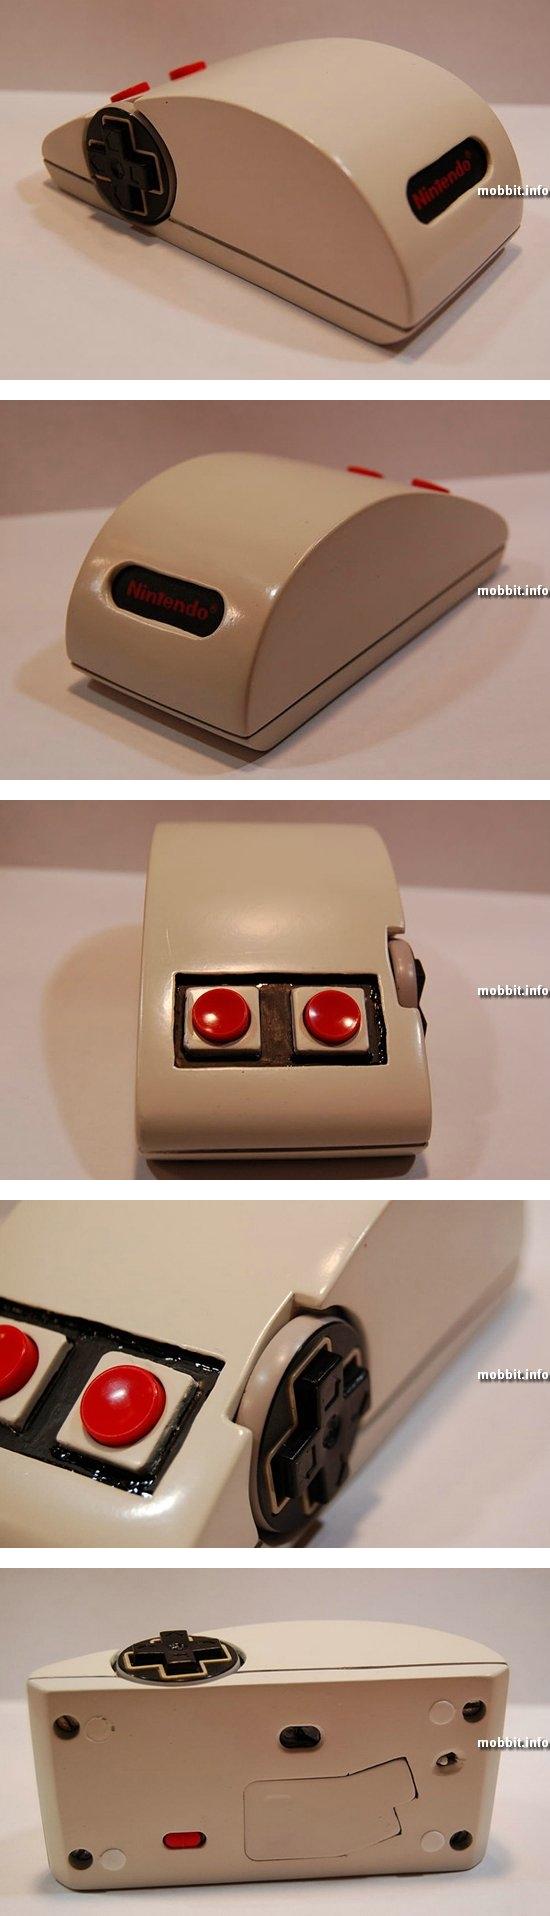 Моддинг: беспроводная мышь в стиле контроллера NES